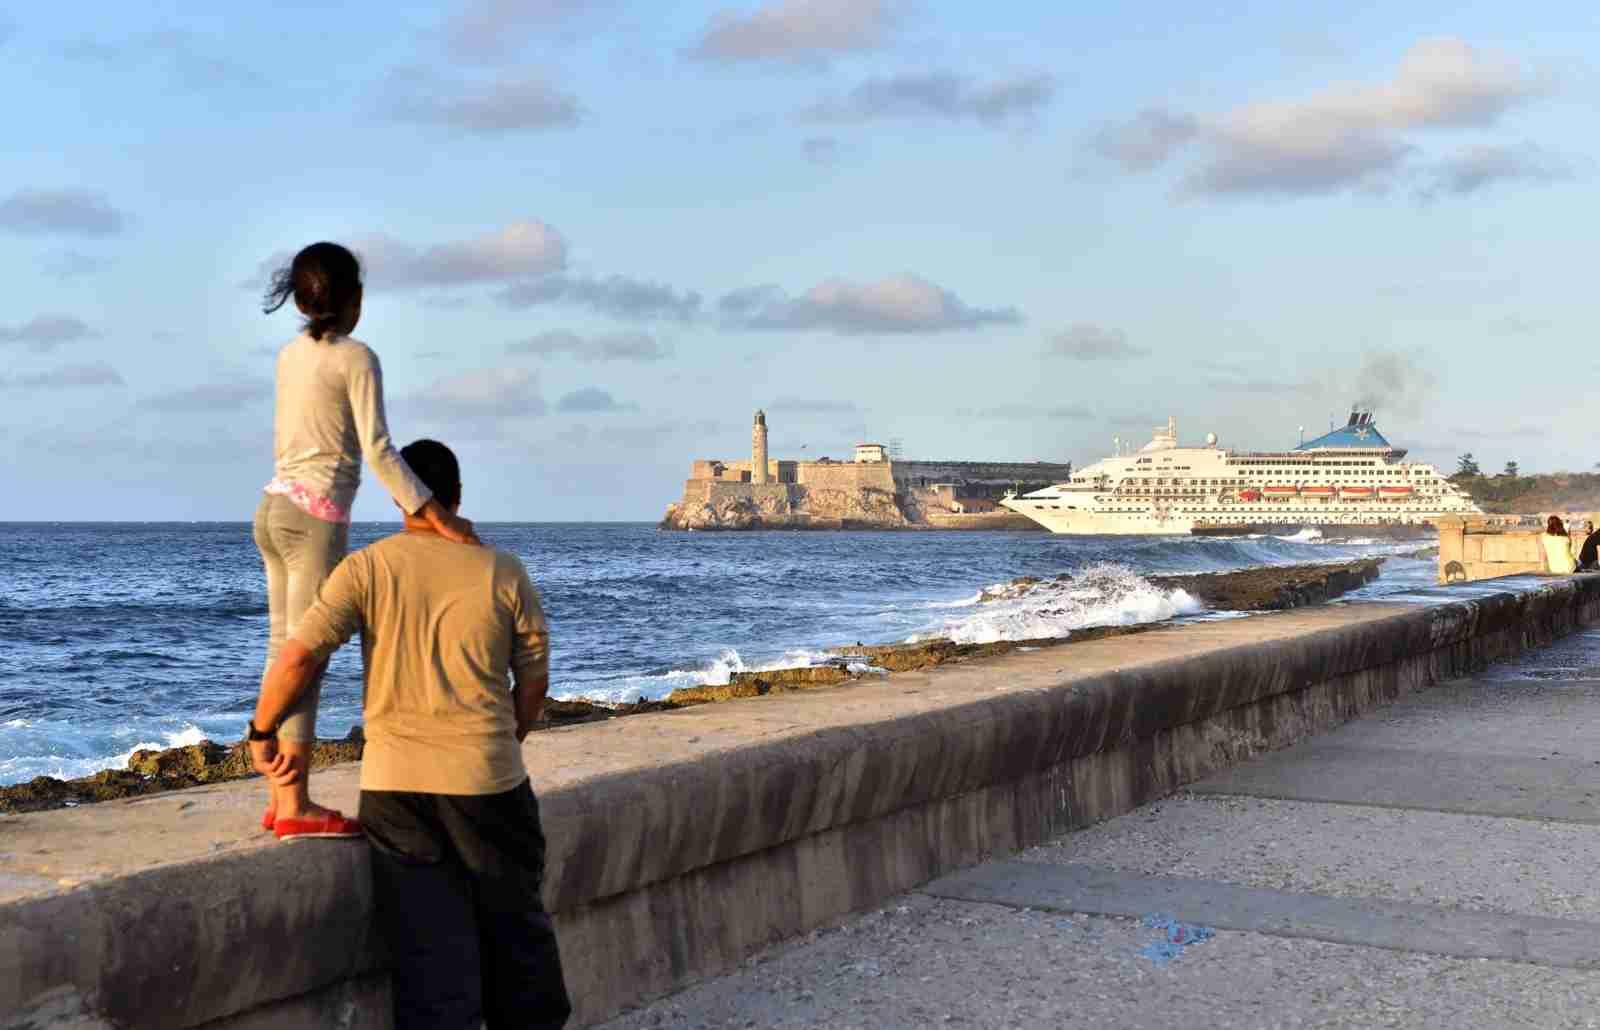 Cuba Cruise ship leaving Havana